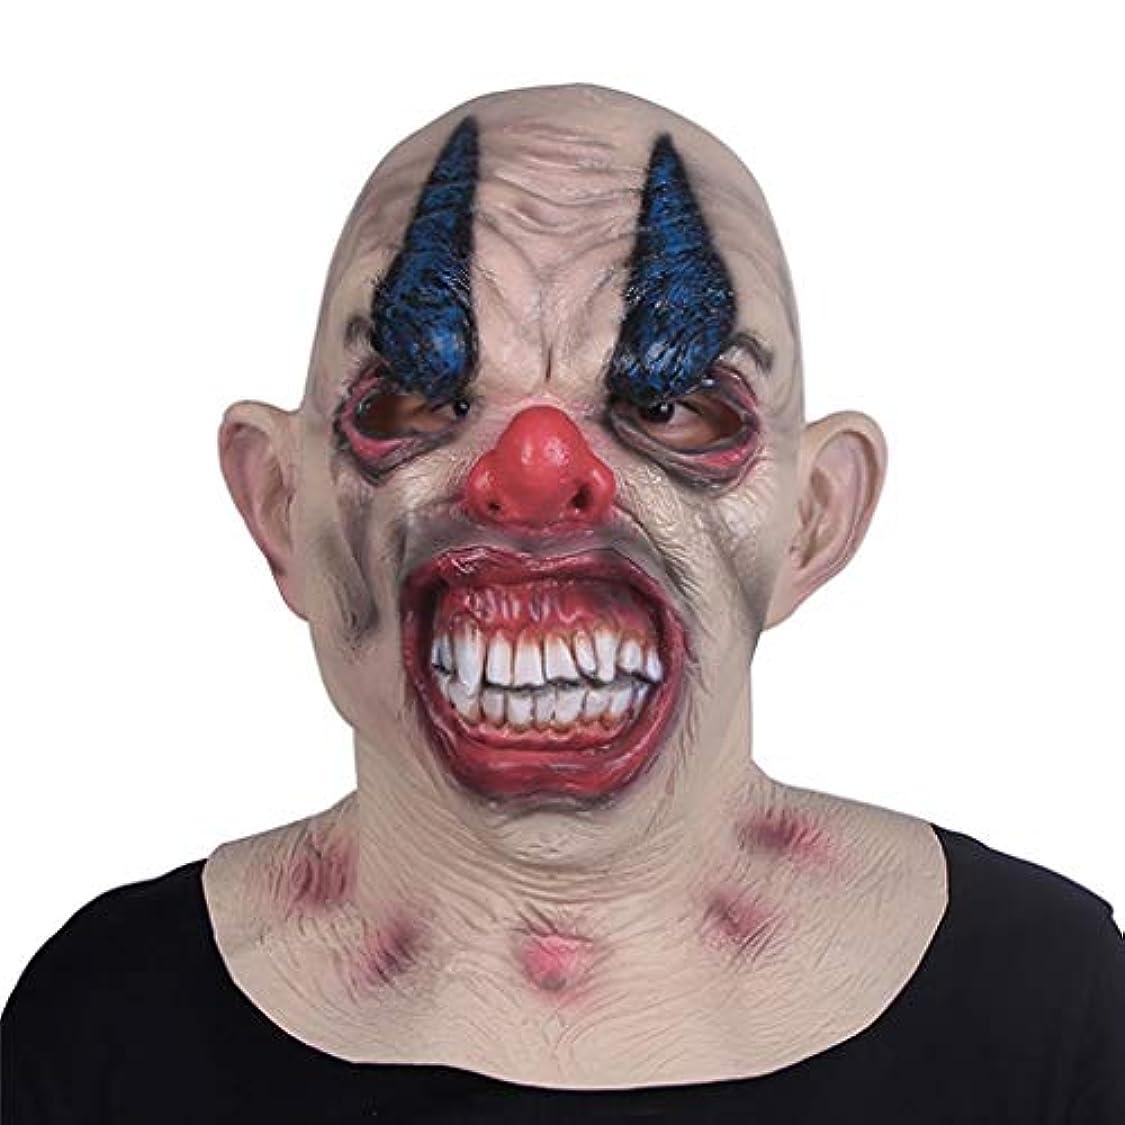 アニメーション言い訳オーブンハロウィンホラーマスク成人男性フルフェイス怖いラテックスヘッドセットハロウィン東京グールマスクゴーストフェイスデビル (Color : A)